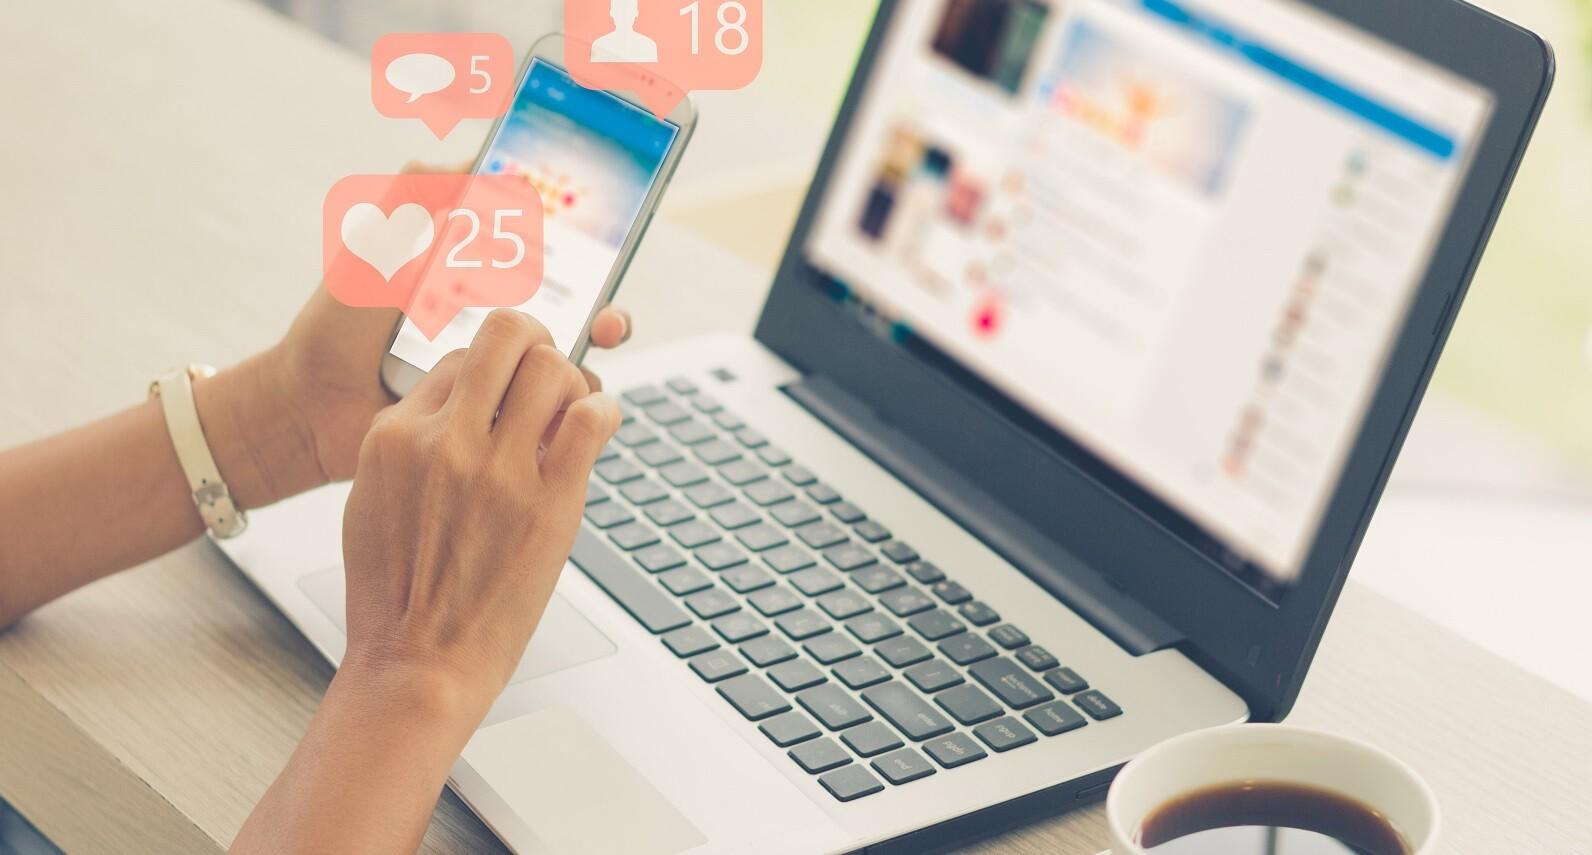 social media freelancer - imagem de mao feminina segurando um smartphone em frente a um notebook aberto